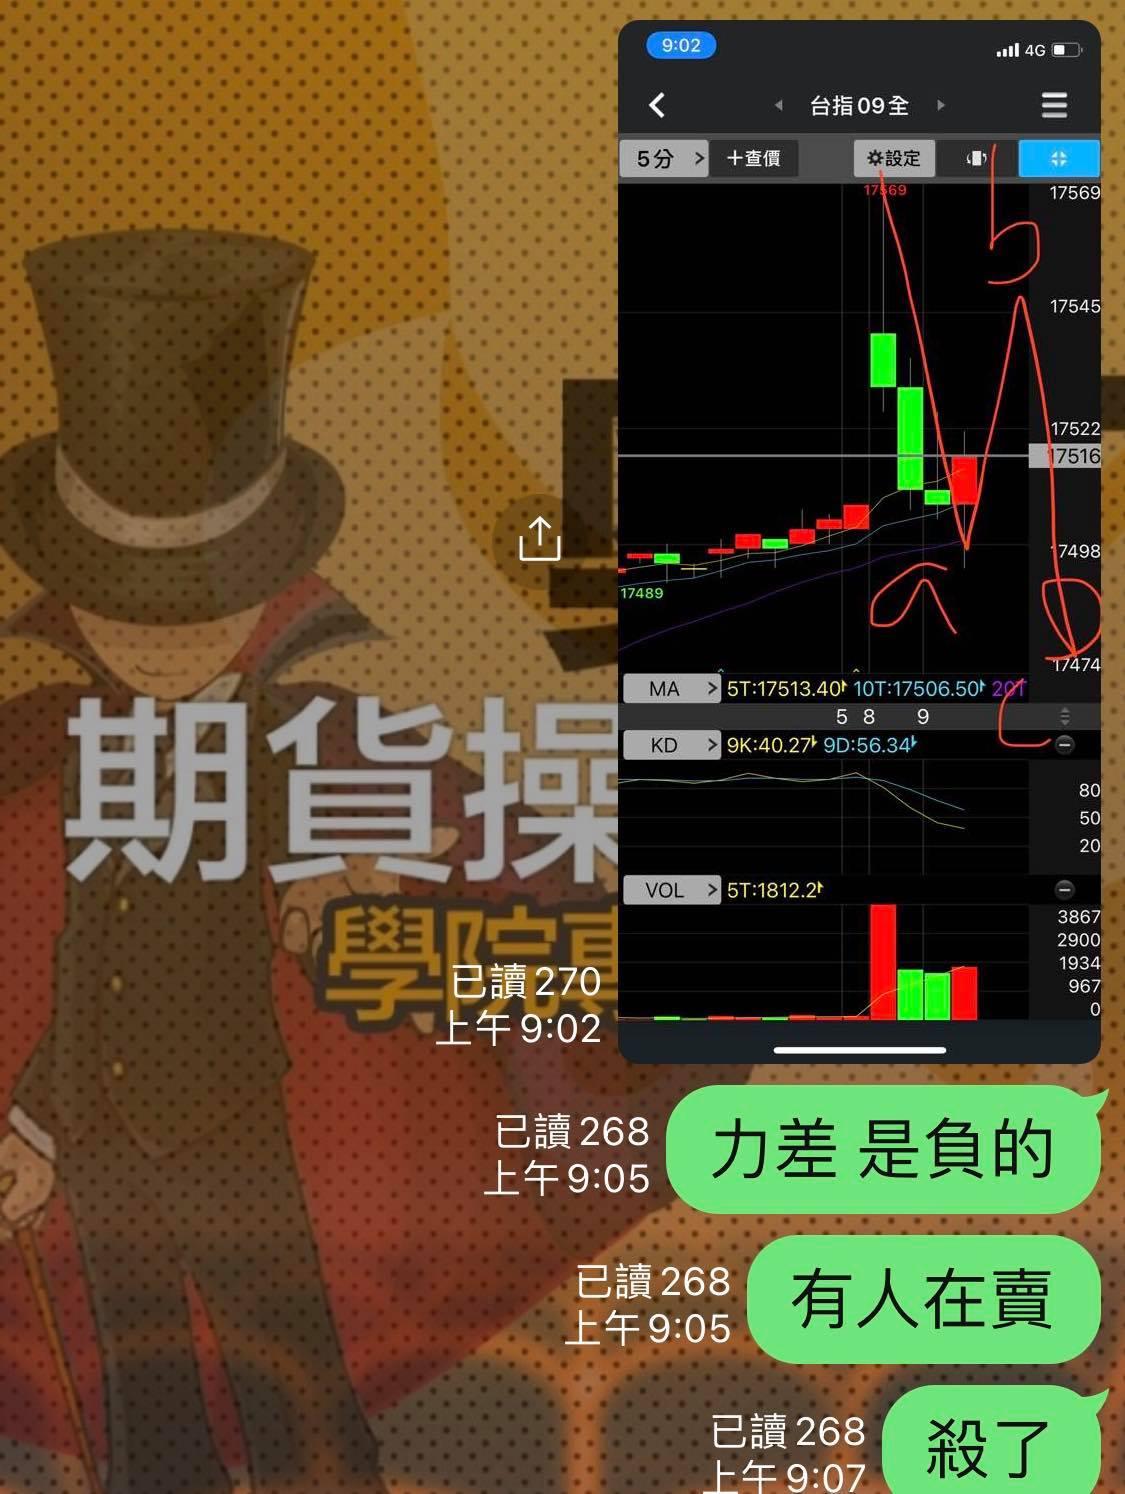 09月14日~~~山川戰法全書~~~大盤教學應用篇!!!